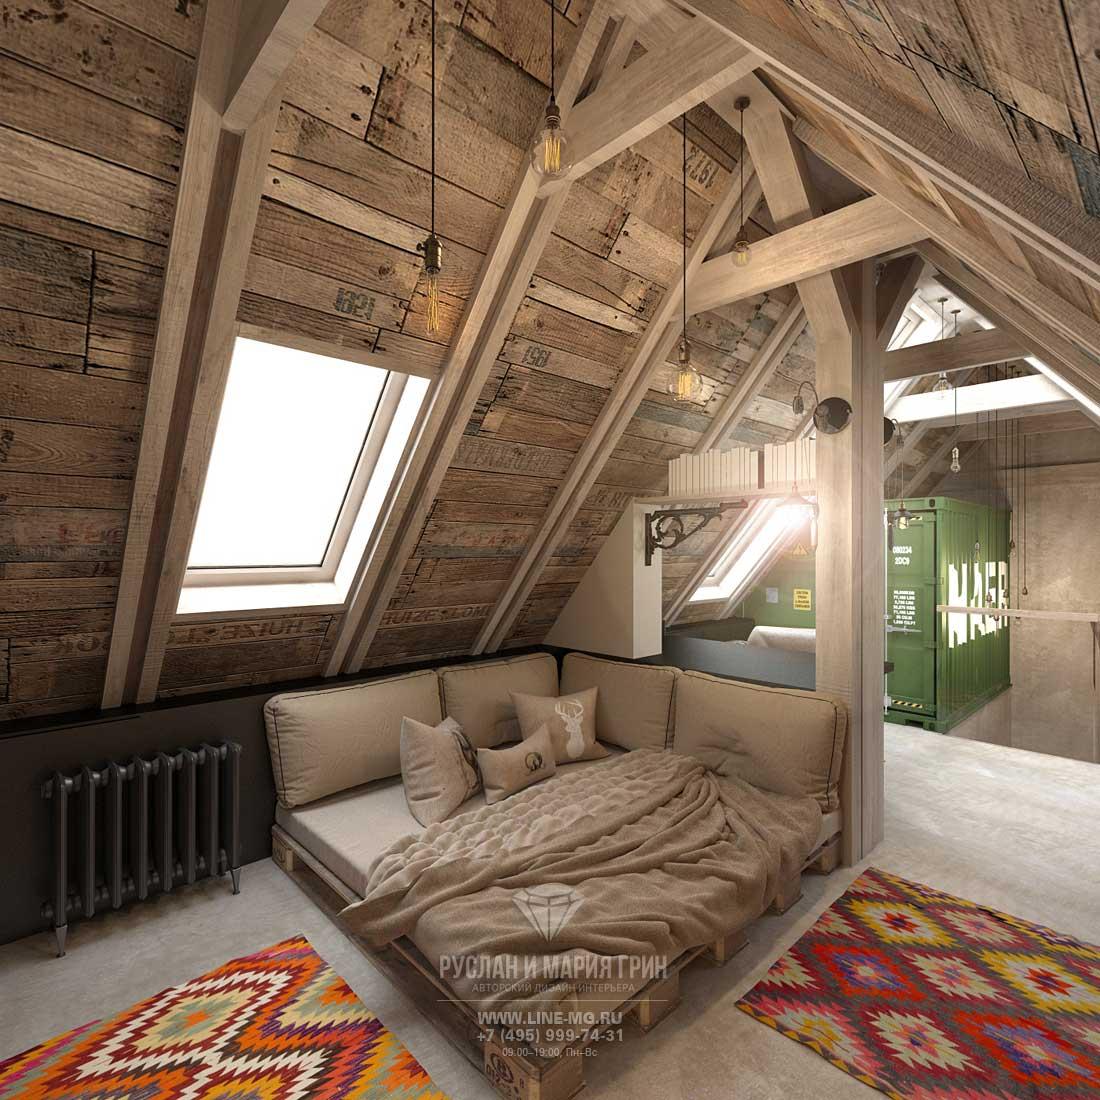 Дизайн мансарды в загородном доме в стиле лофт